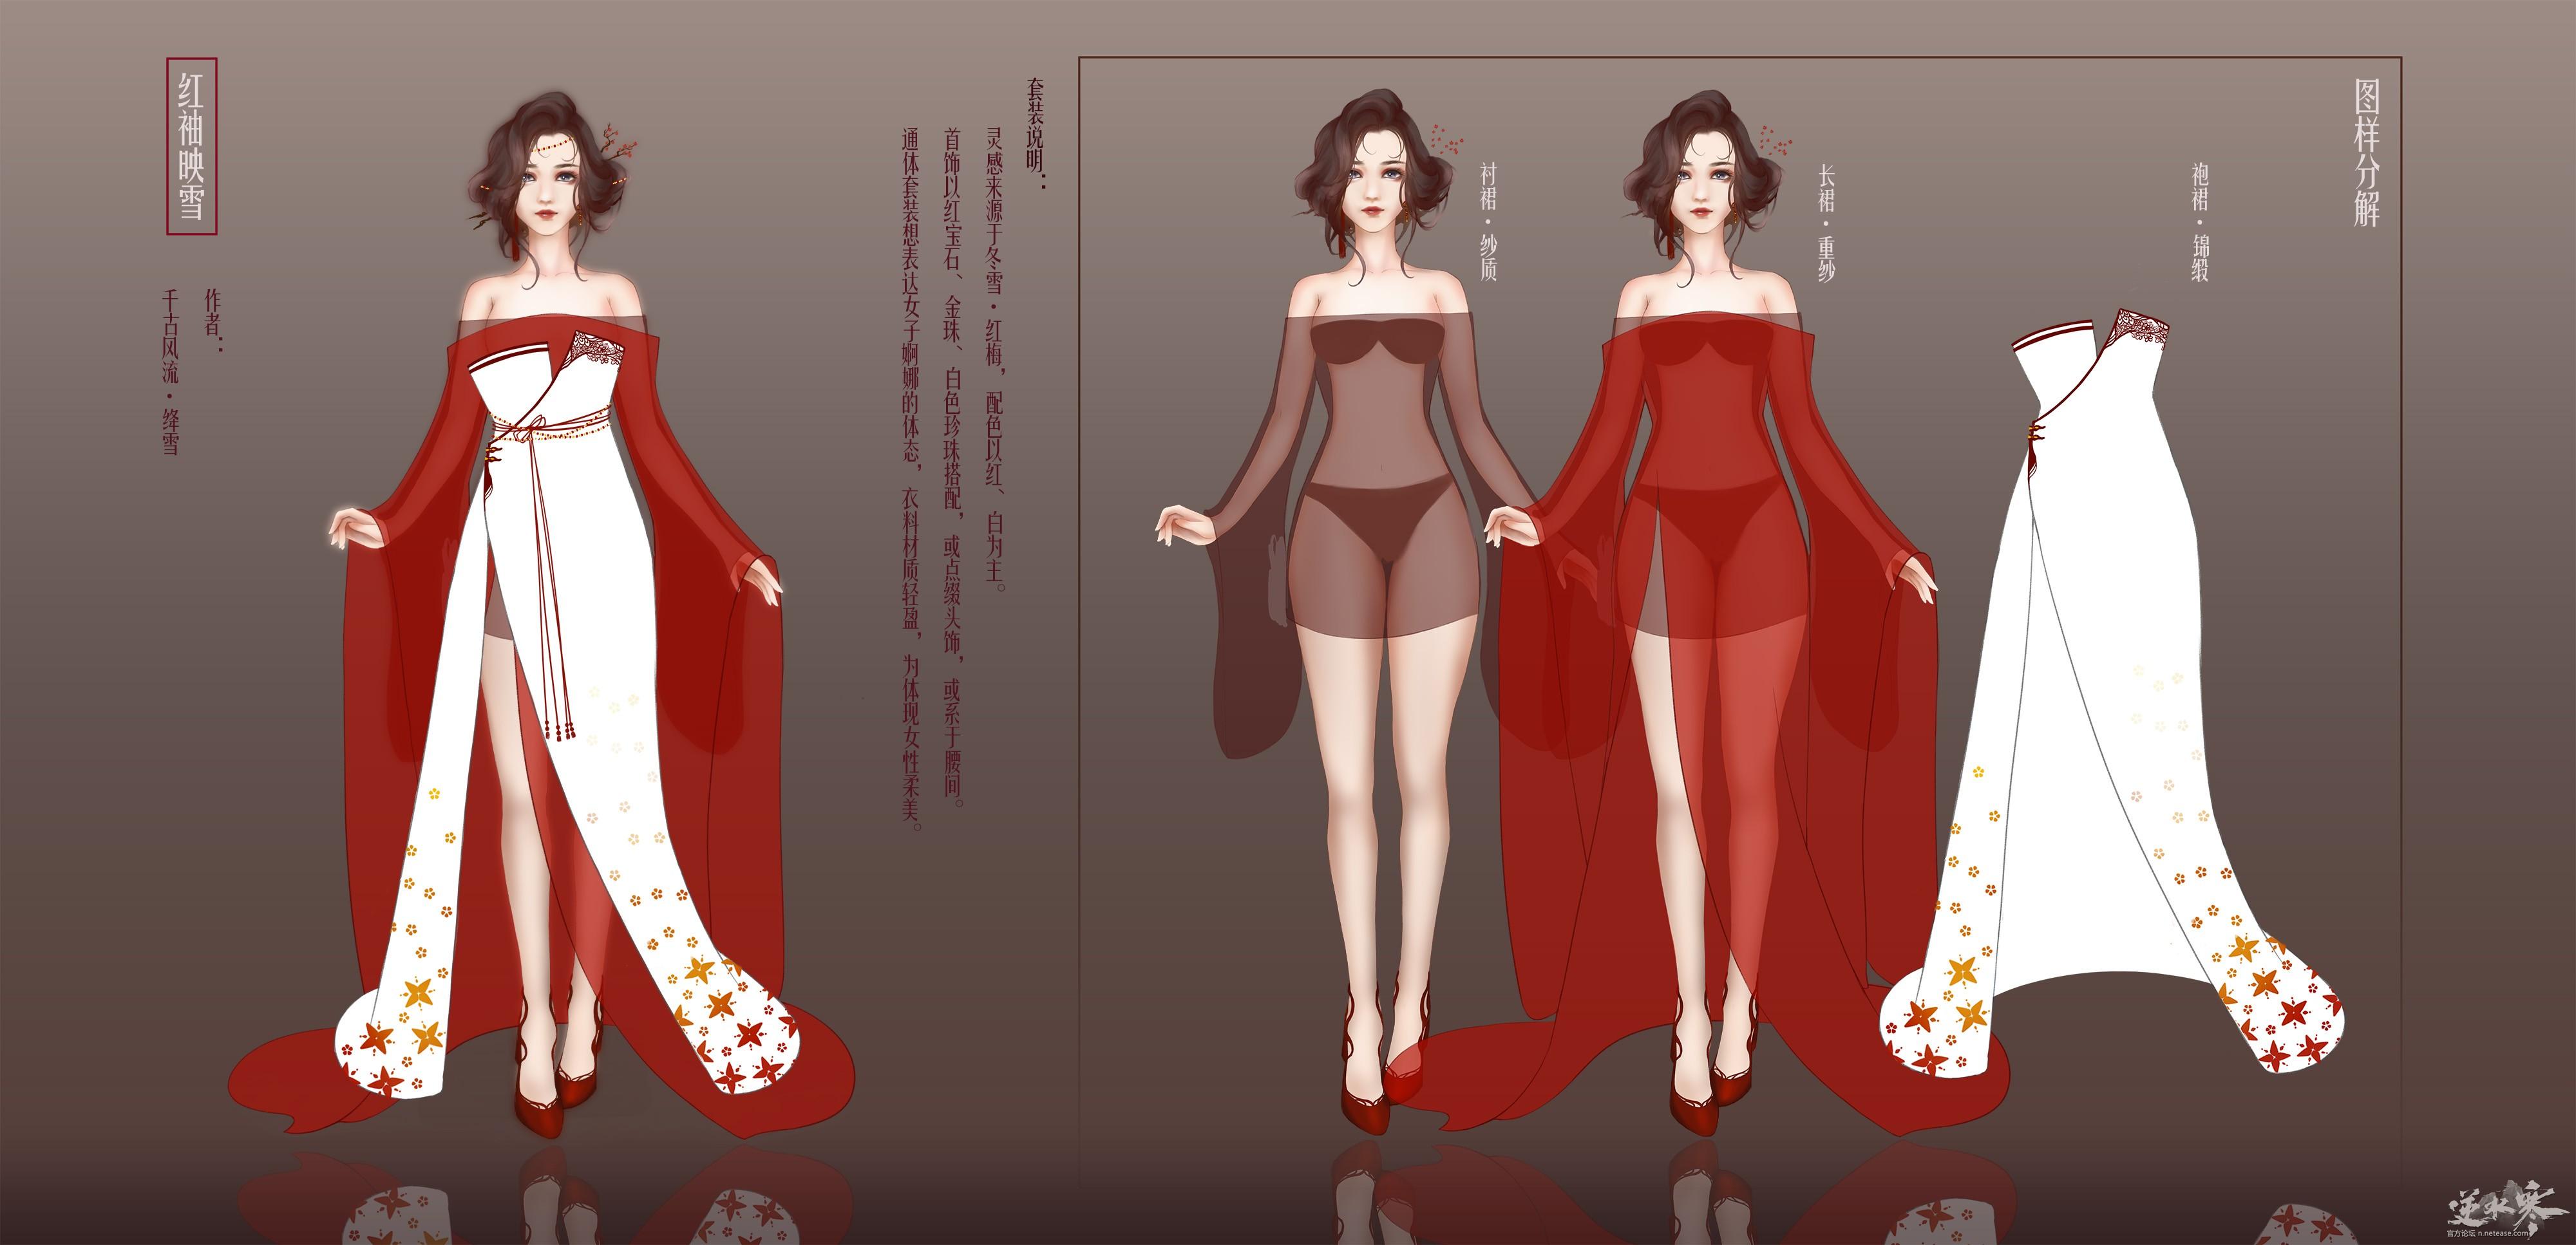 【大宋染织坊】绛雪设计:成女时装《红袖映雪》(我要上首页)